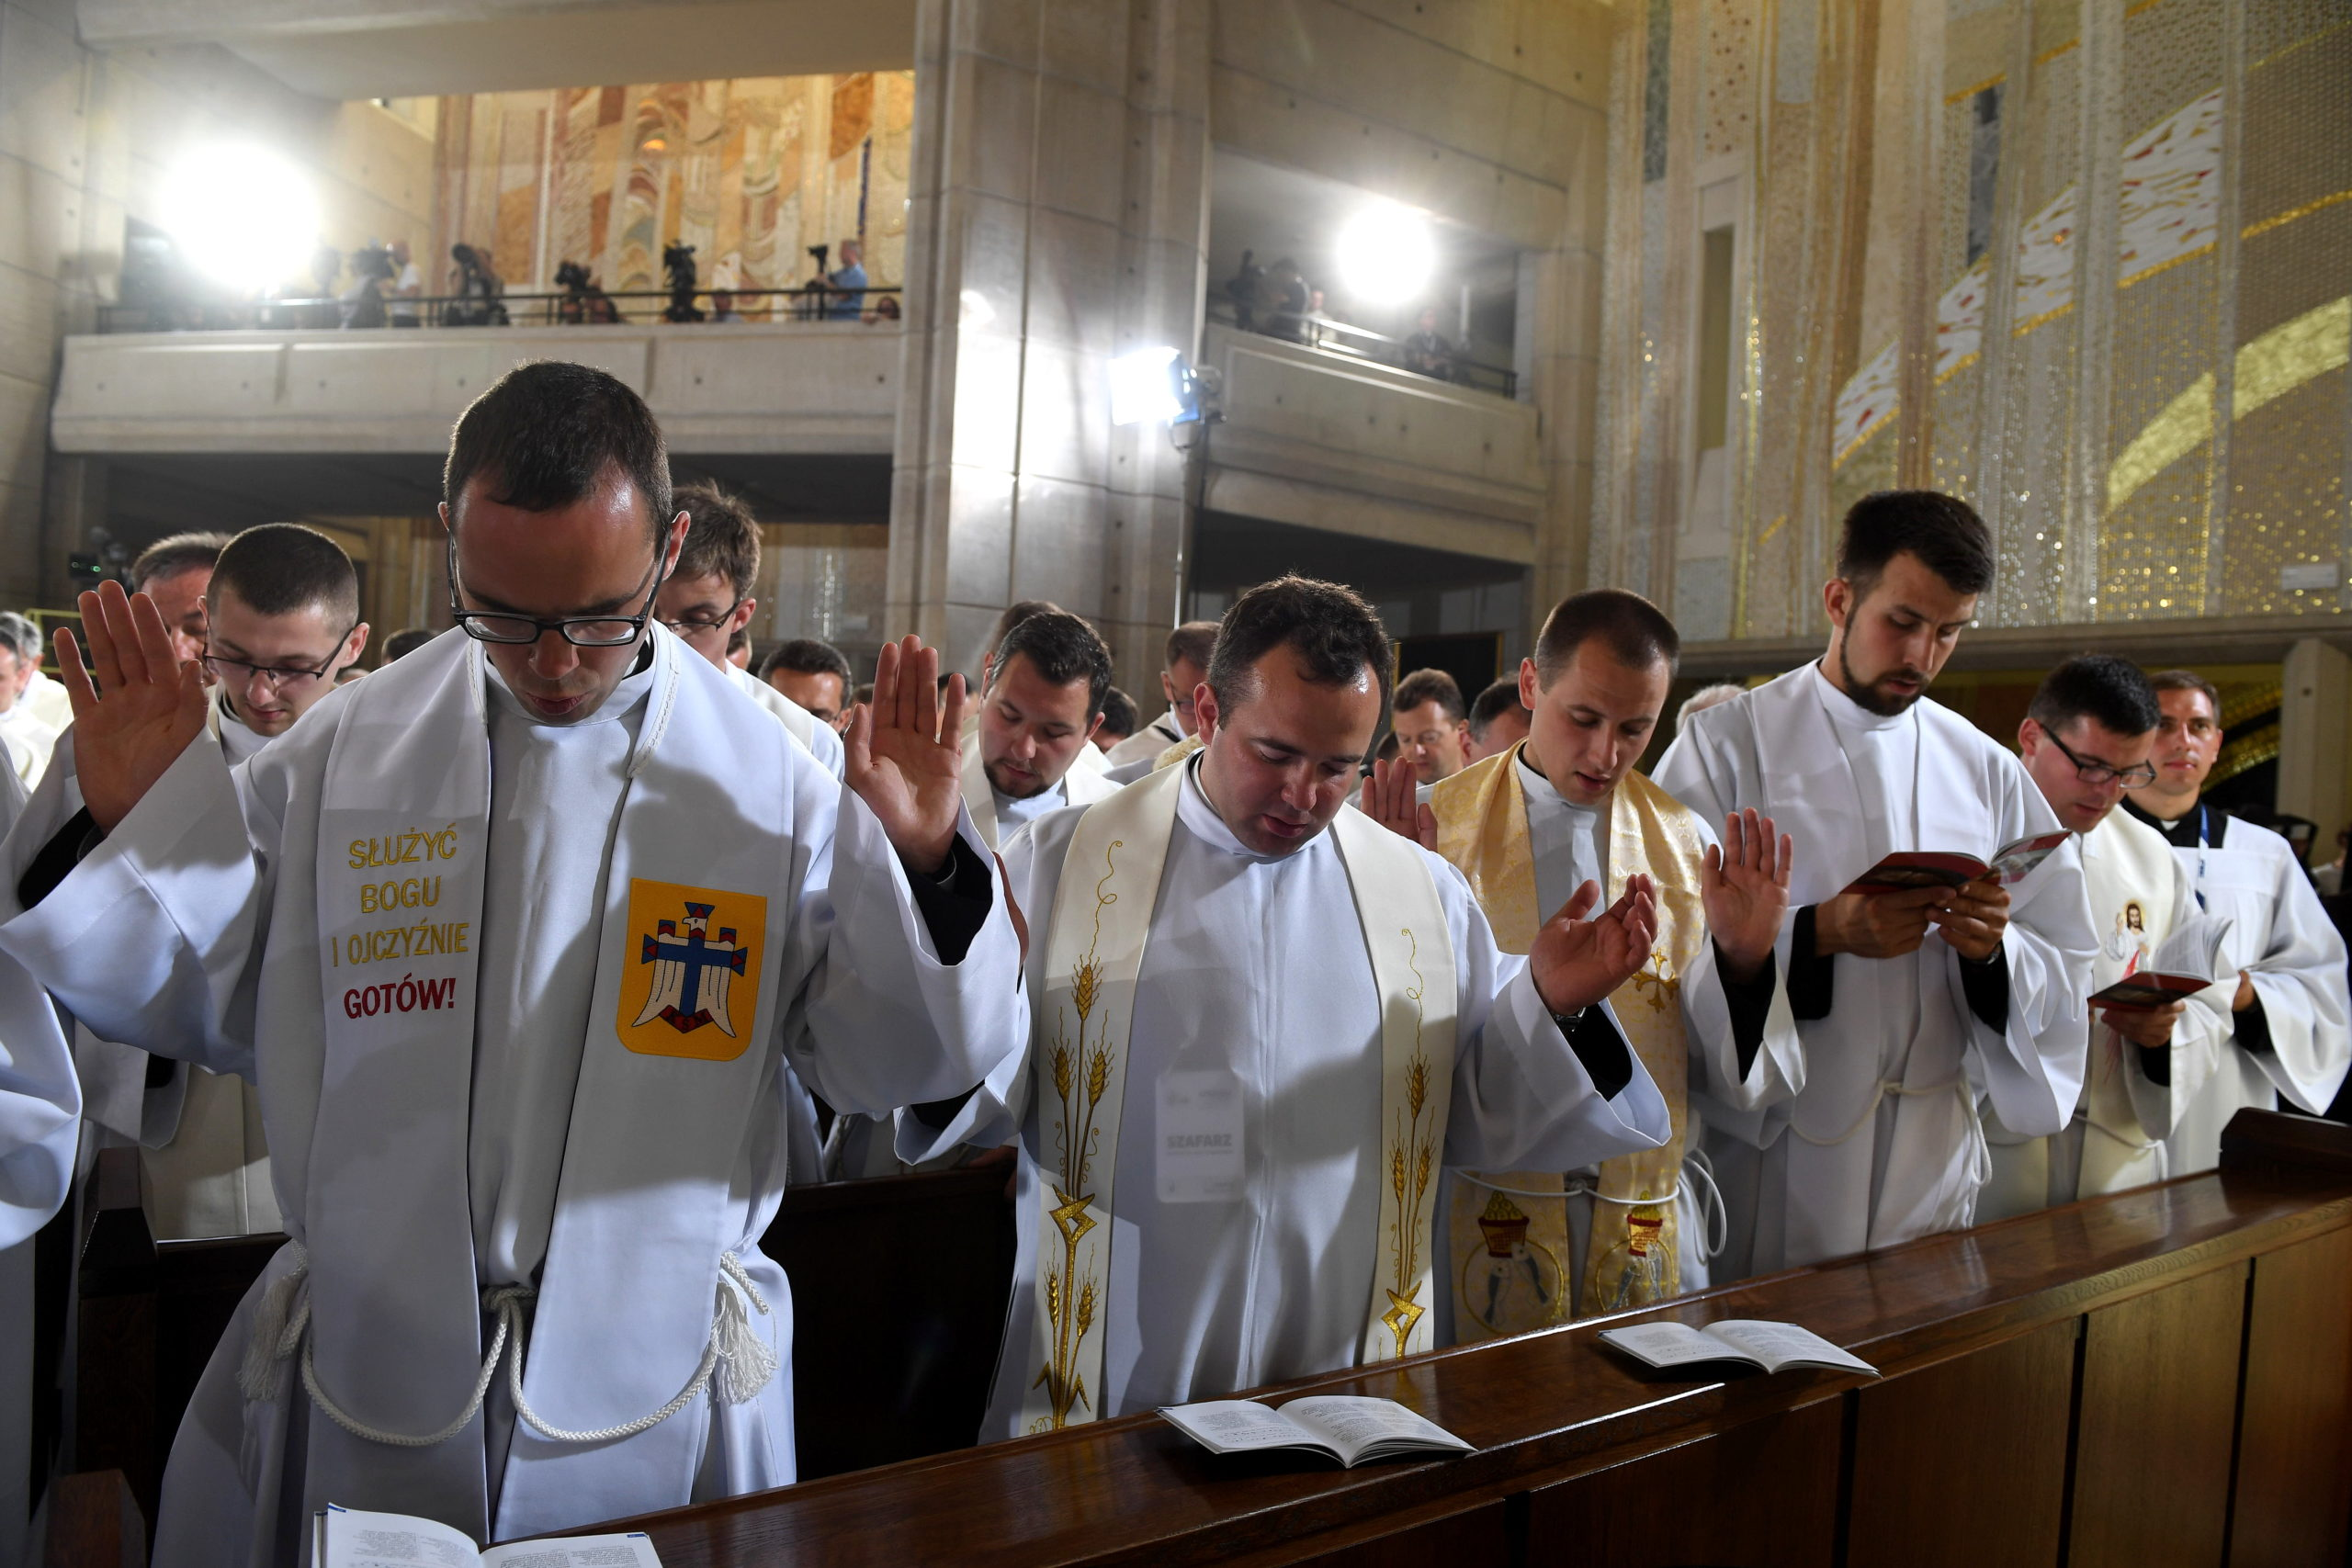 Papiez Franciszek w Sanktuarium św. Jana Pawła II, 30 VII 2016